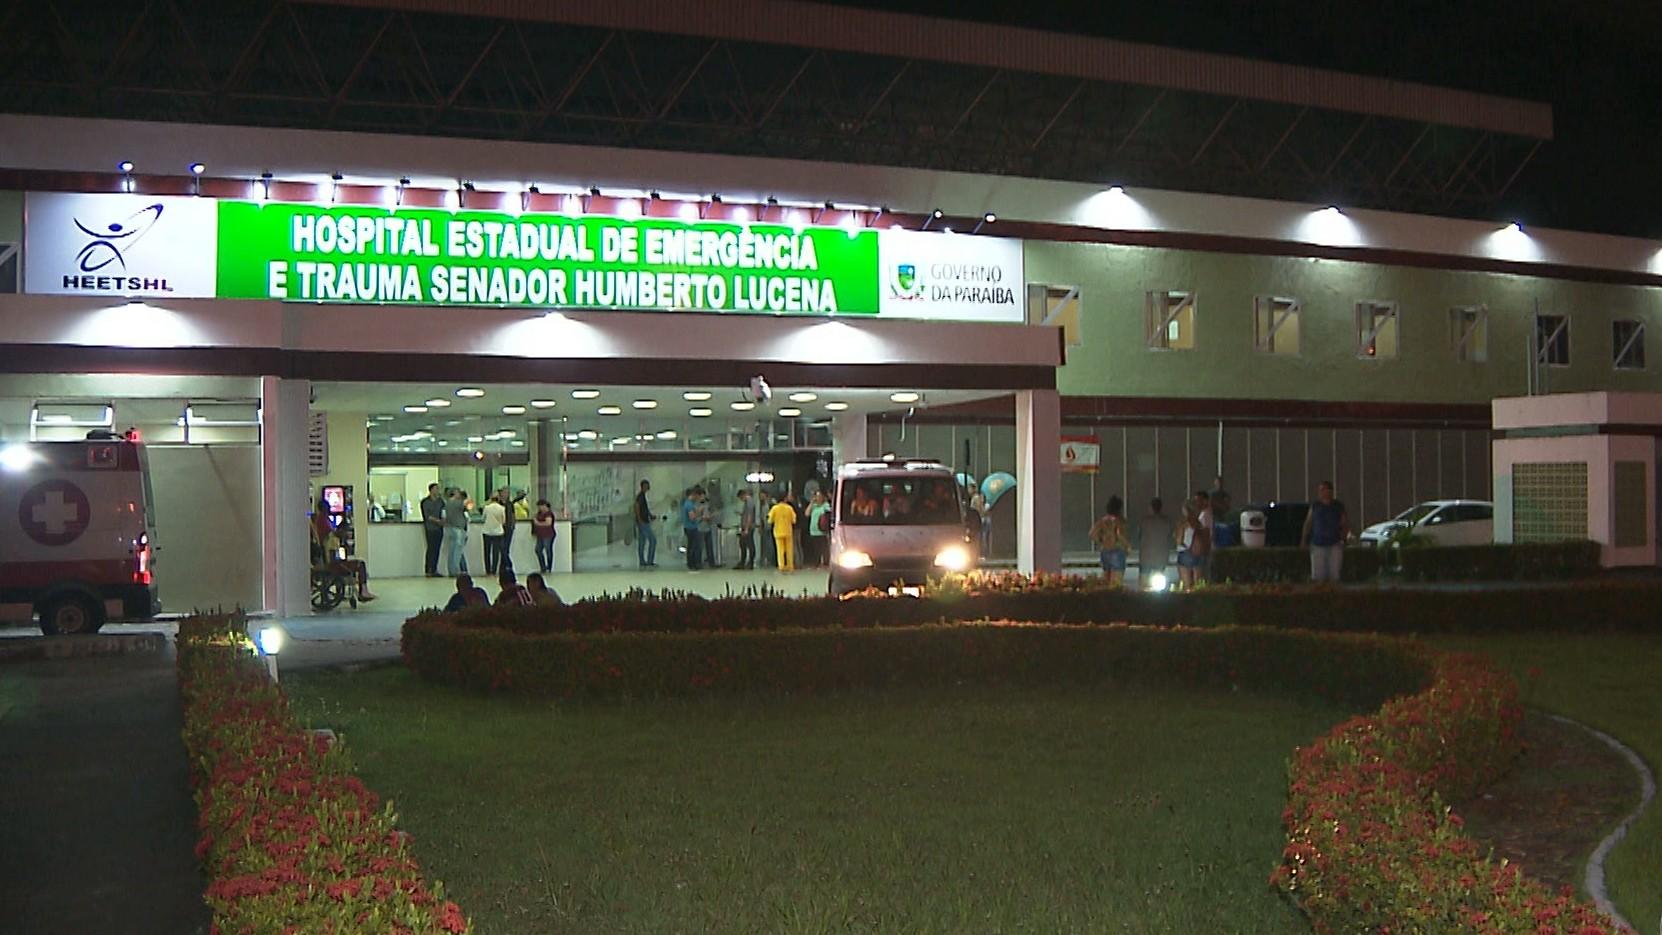 Hospitais da PB realizam 1,5 mil atendimentos em feriado prolongado na PB - Radio Evangelho Gospel